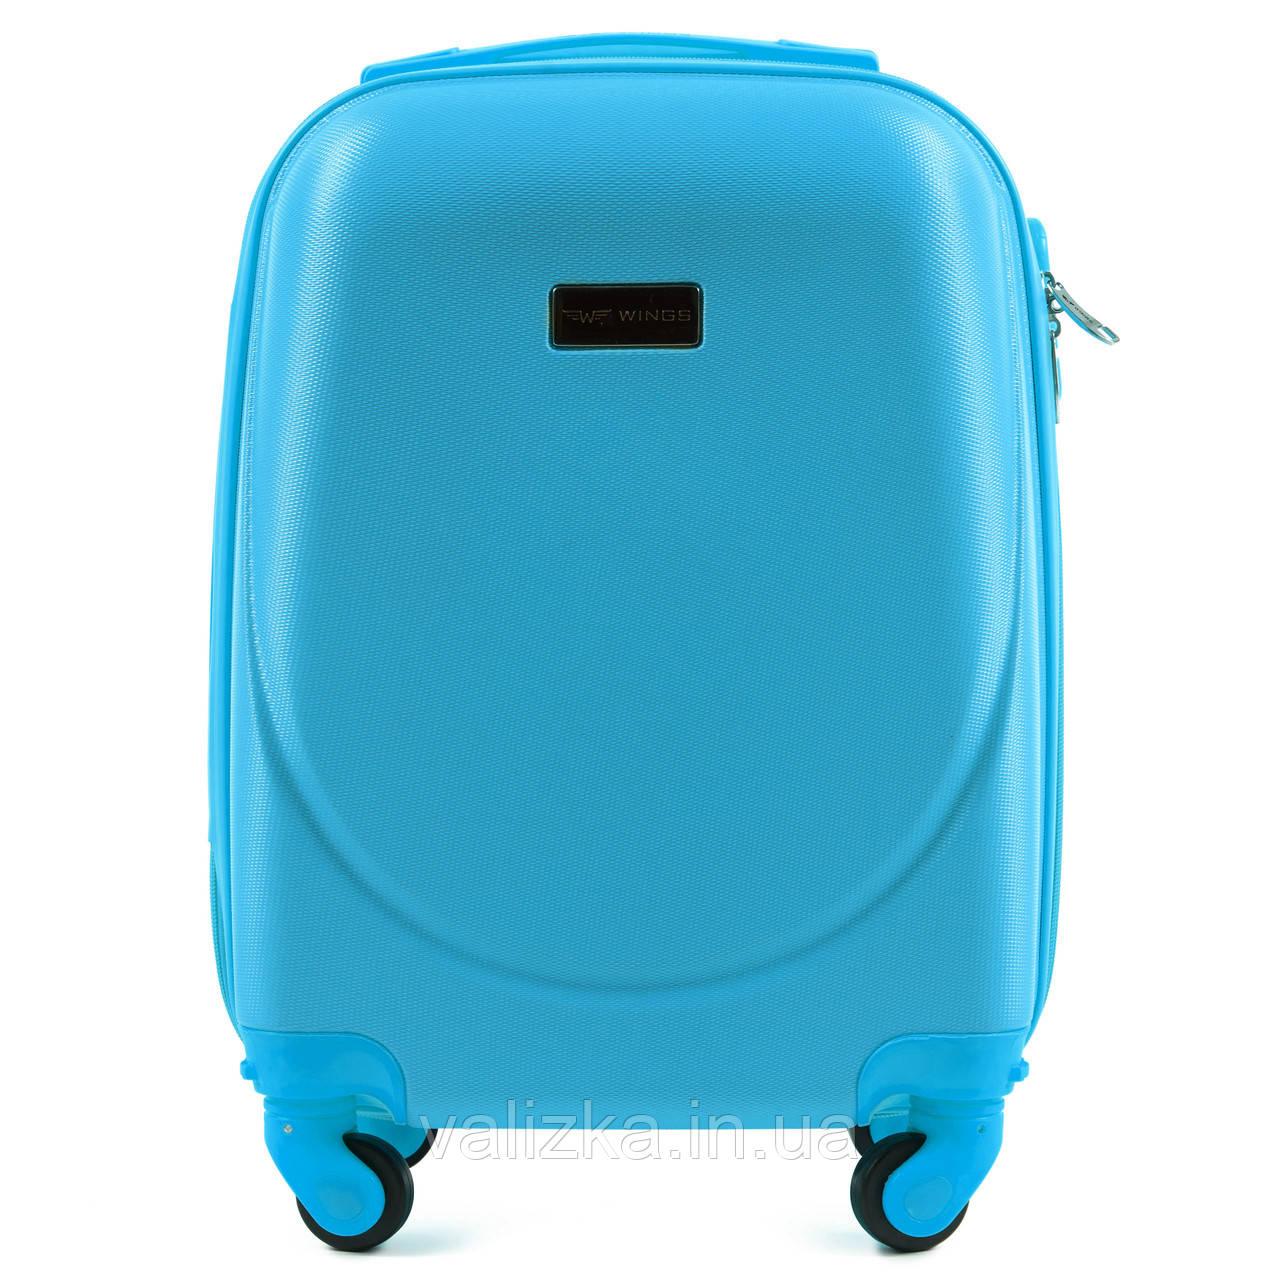 Пластиковый чемодан для ручной клади голубой с фурнитурой в цвет